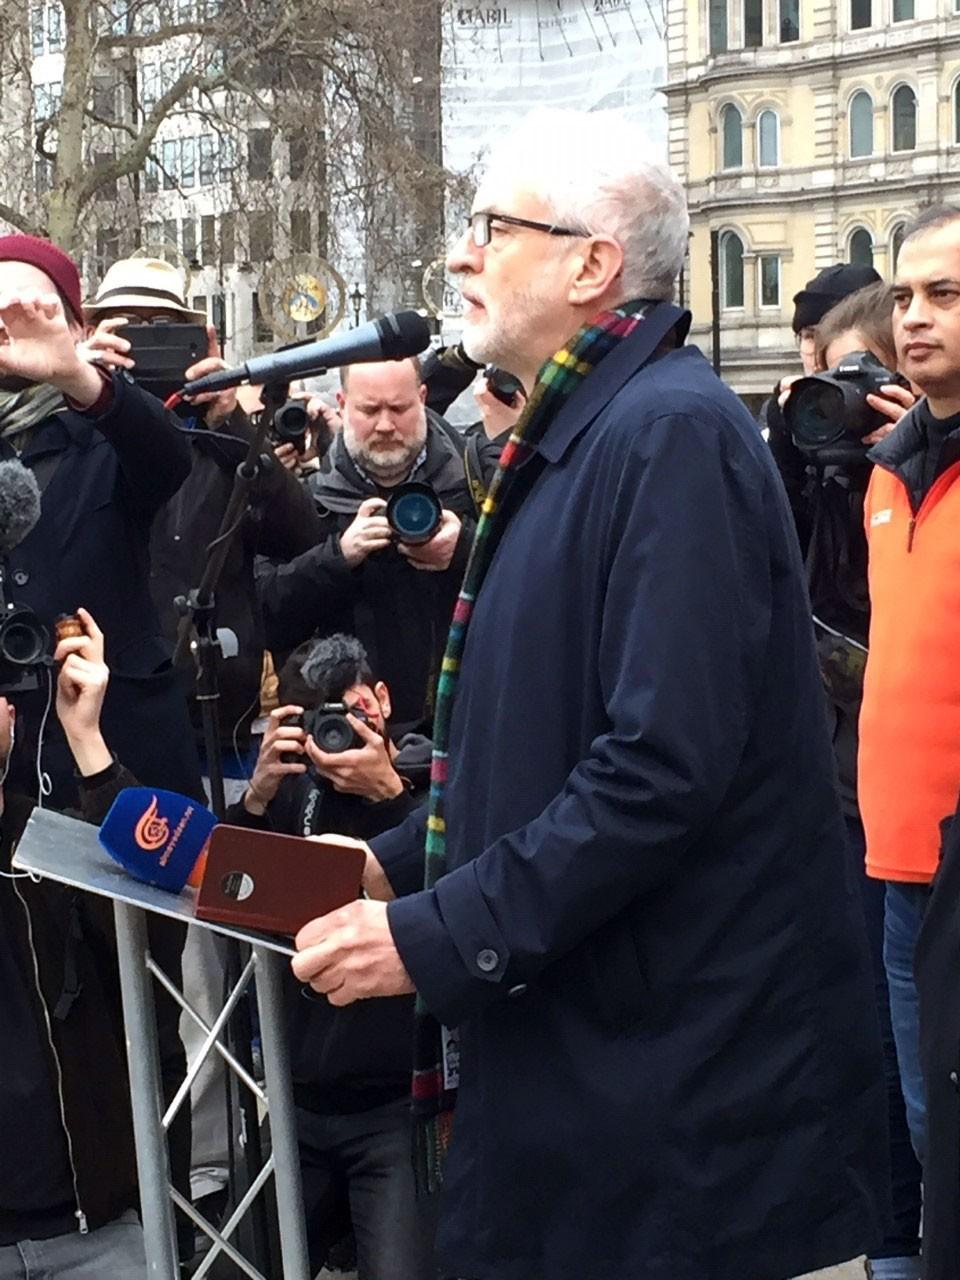 Jeremy Corbyn savaş karşıtı eylemde konuşuyor.